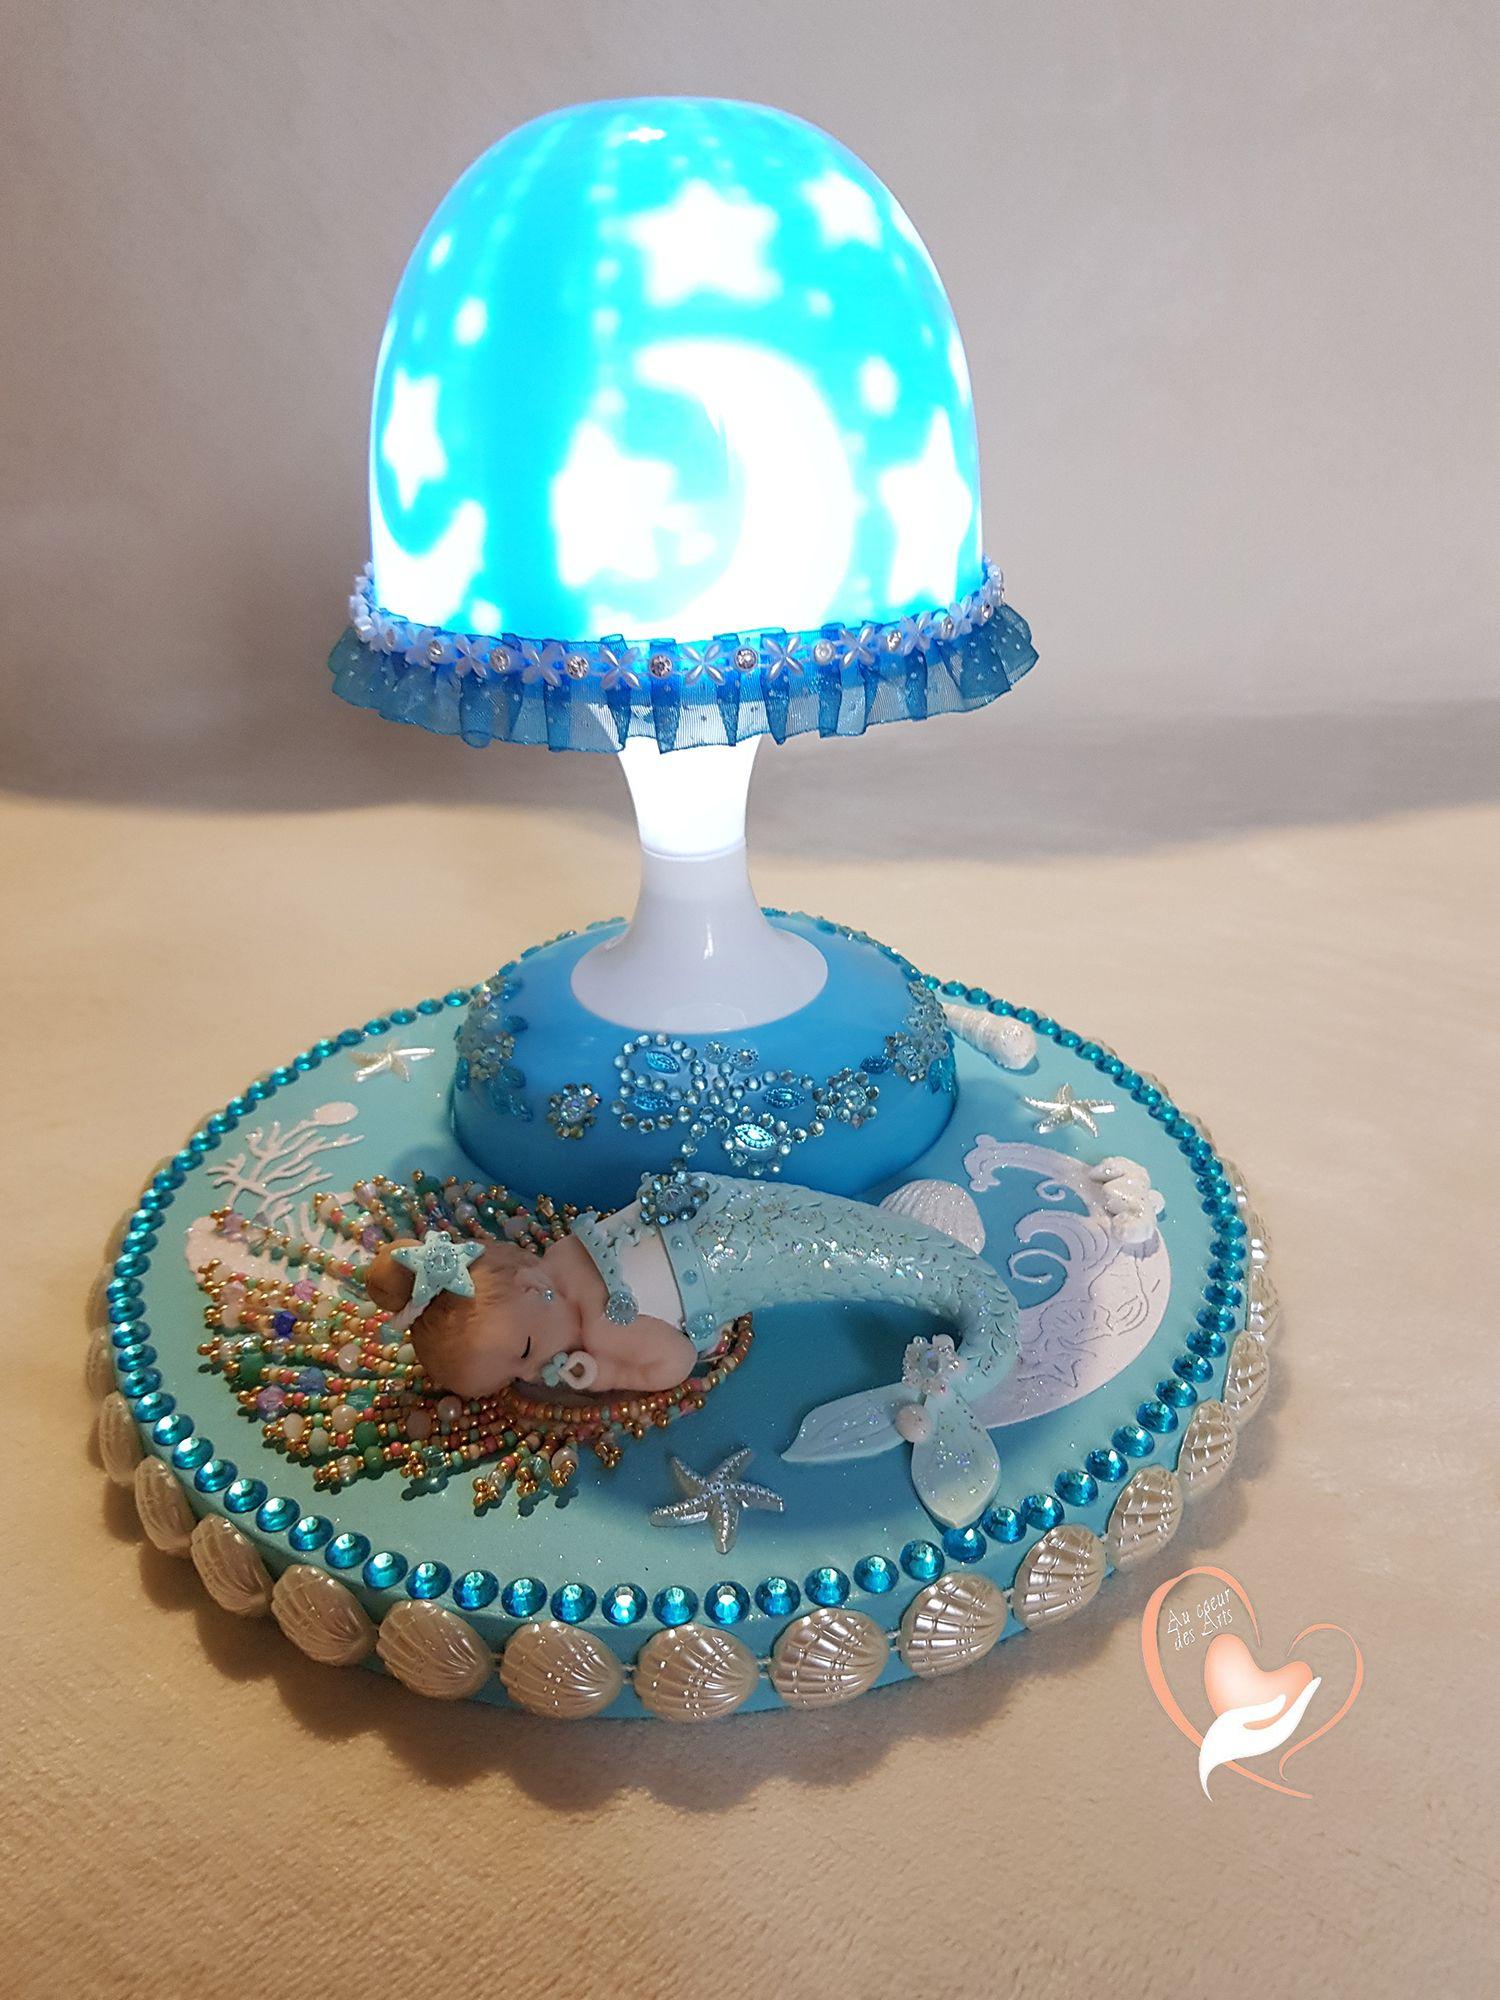 Veilleuse Lampe Lumineuse Sur Socle En Bois Bebe Fille Au Cœur Des Arts Enfants Filles Bebe Veilleuse Lampe